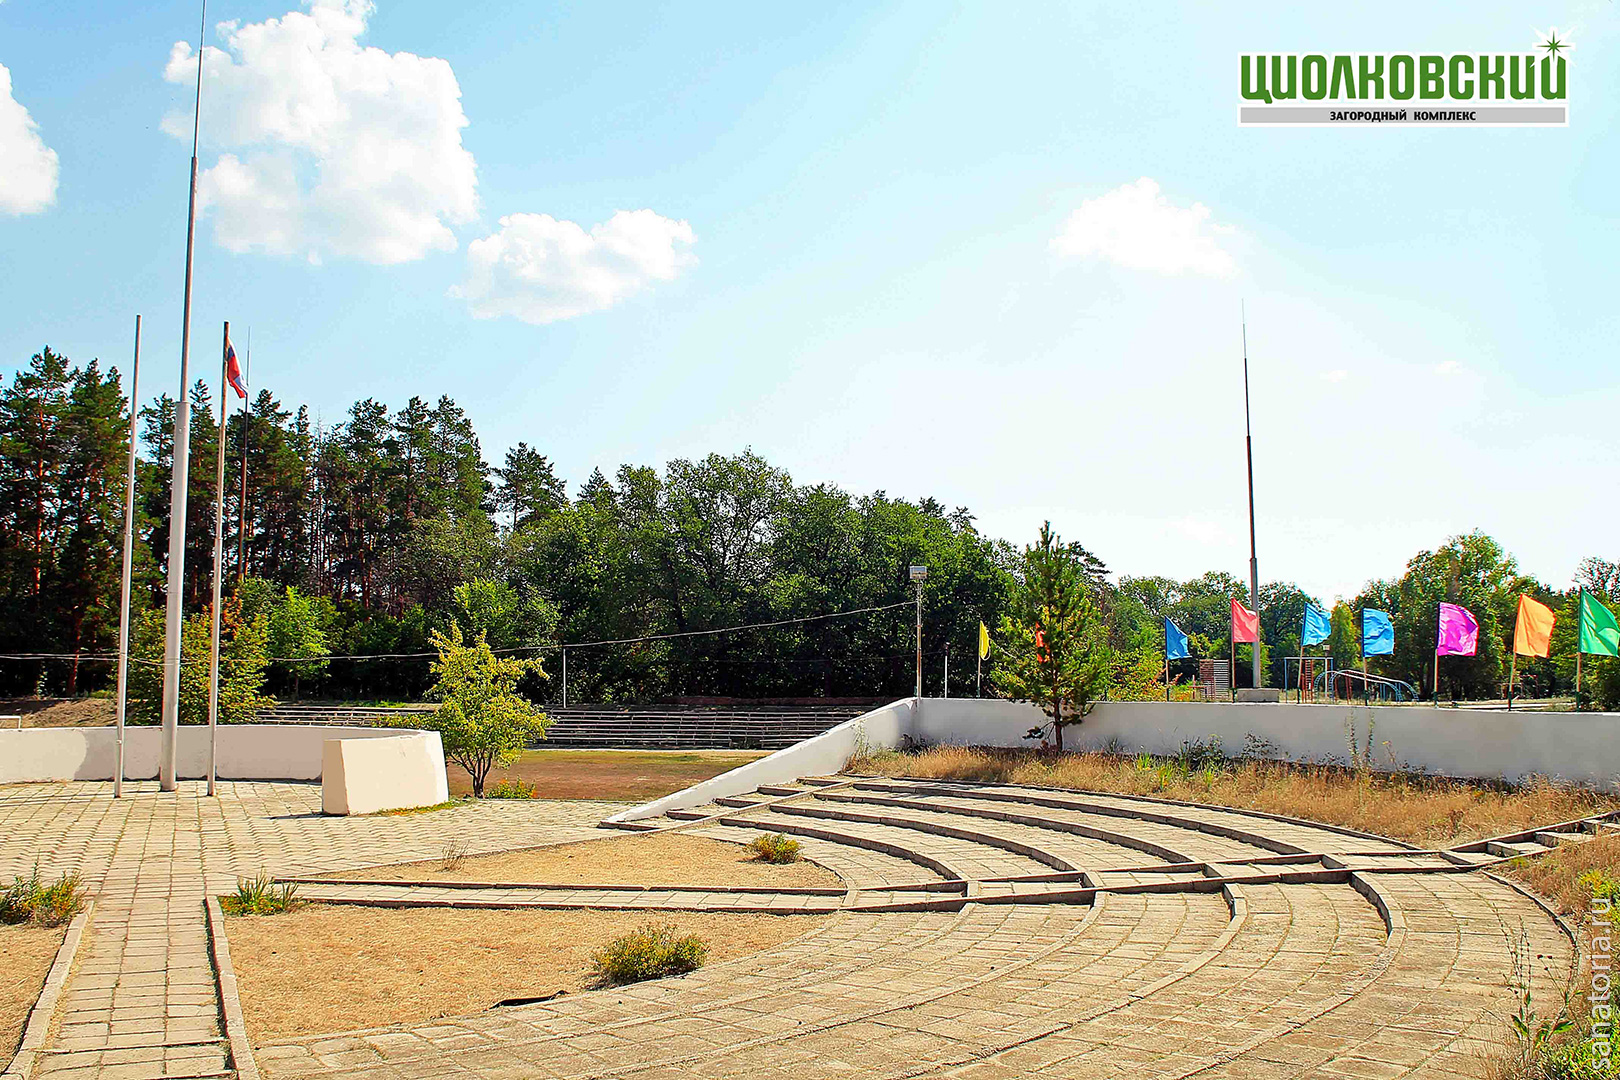 Санаторий циолковского схема проезда